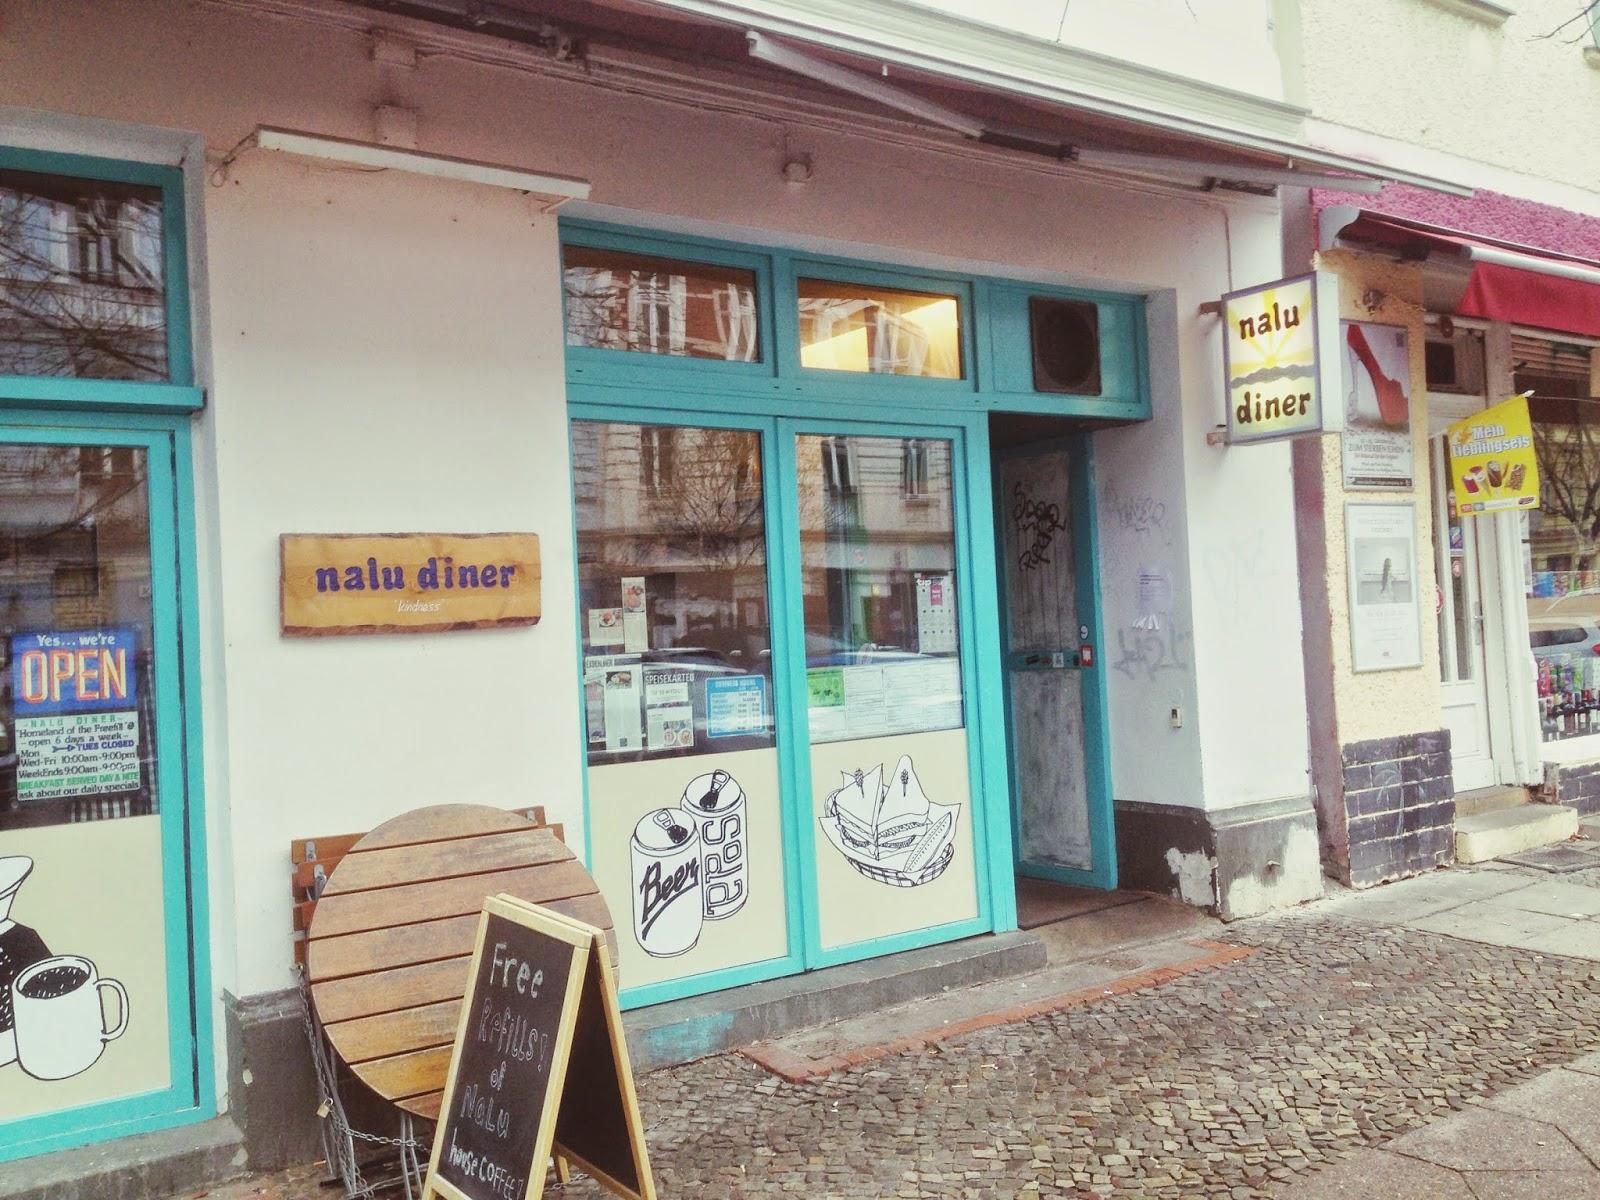 NALU DINER BERLIN